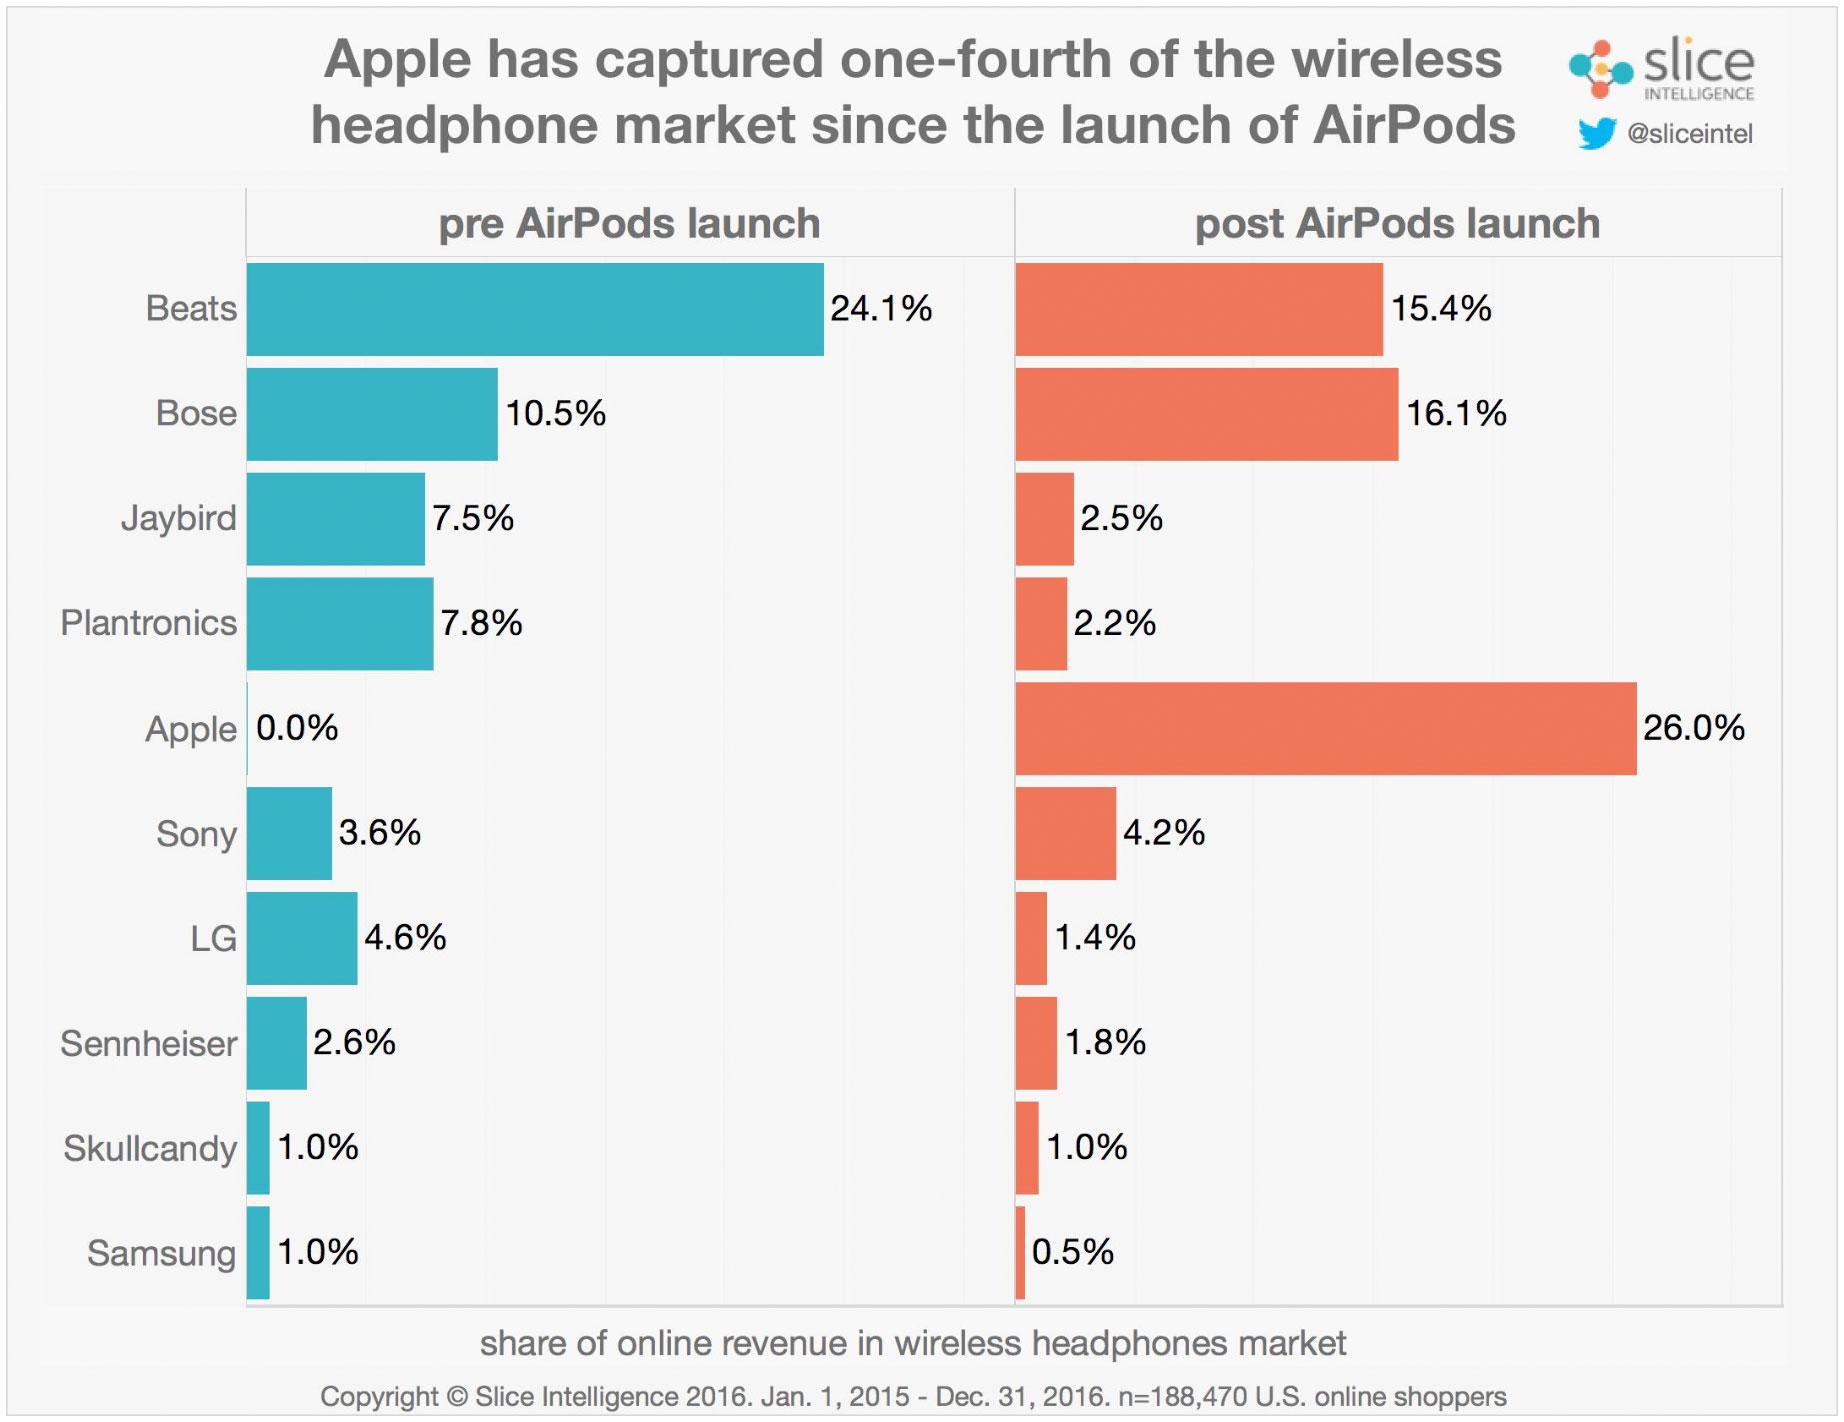 Cuotas de mercado antes y después del lanzamiento de los AirPods